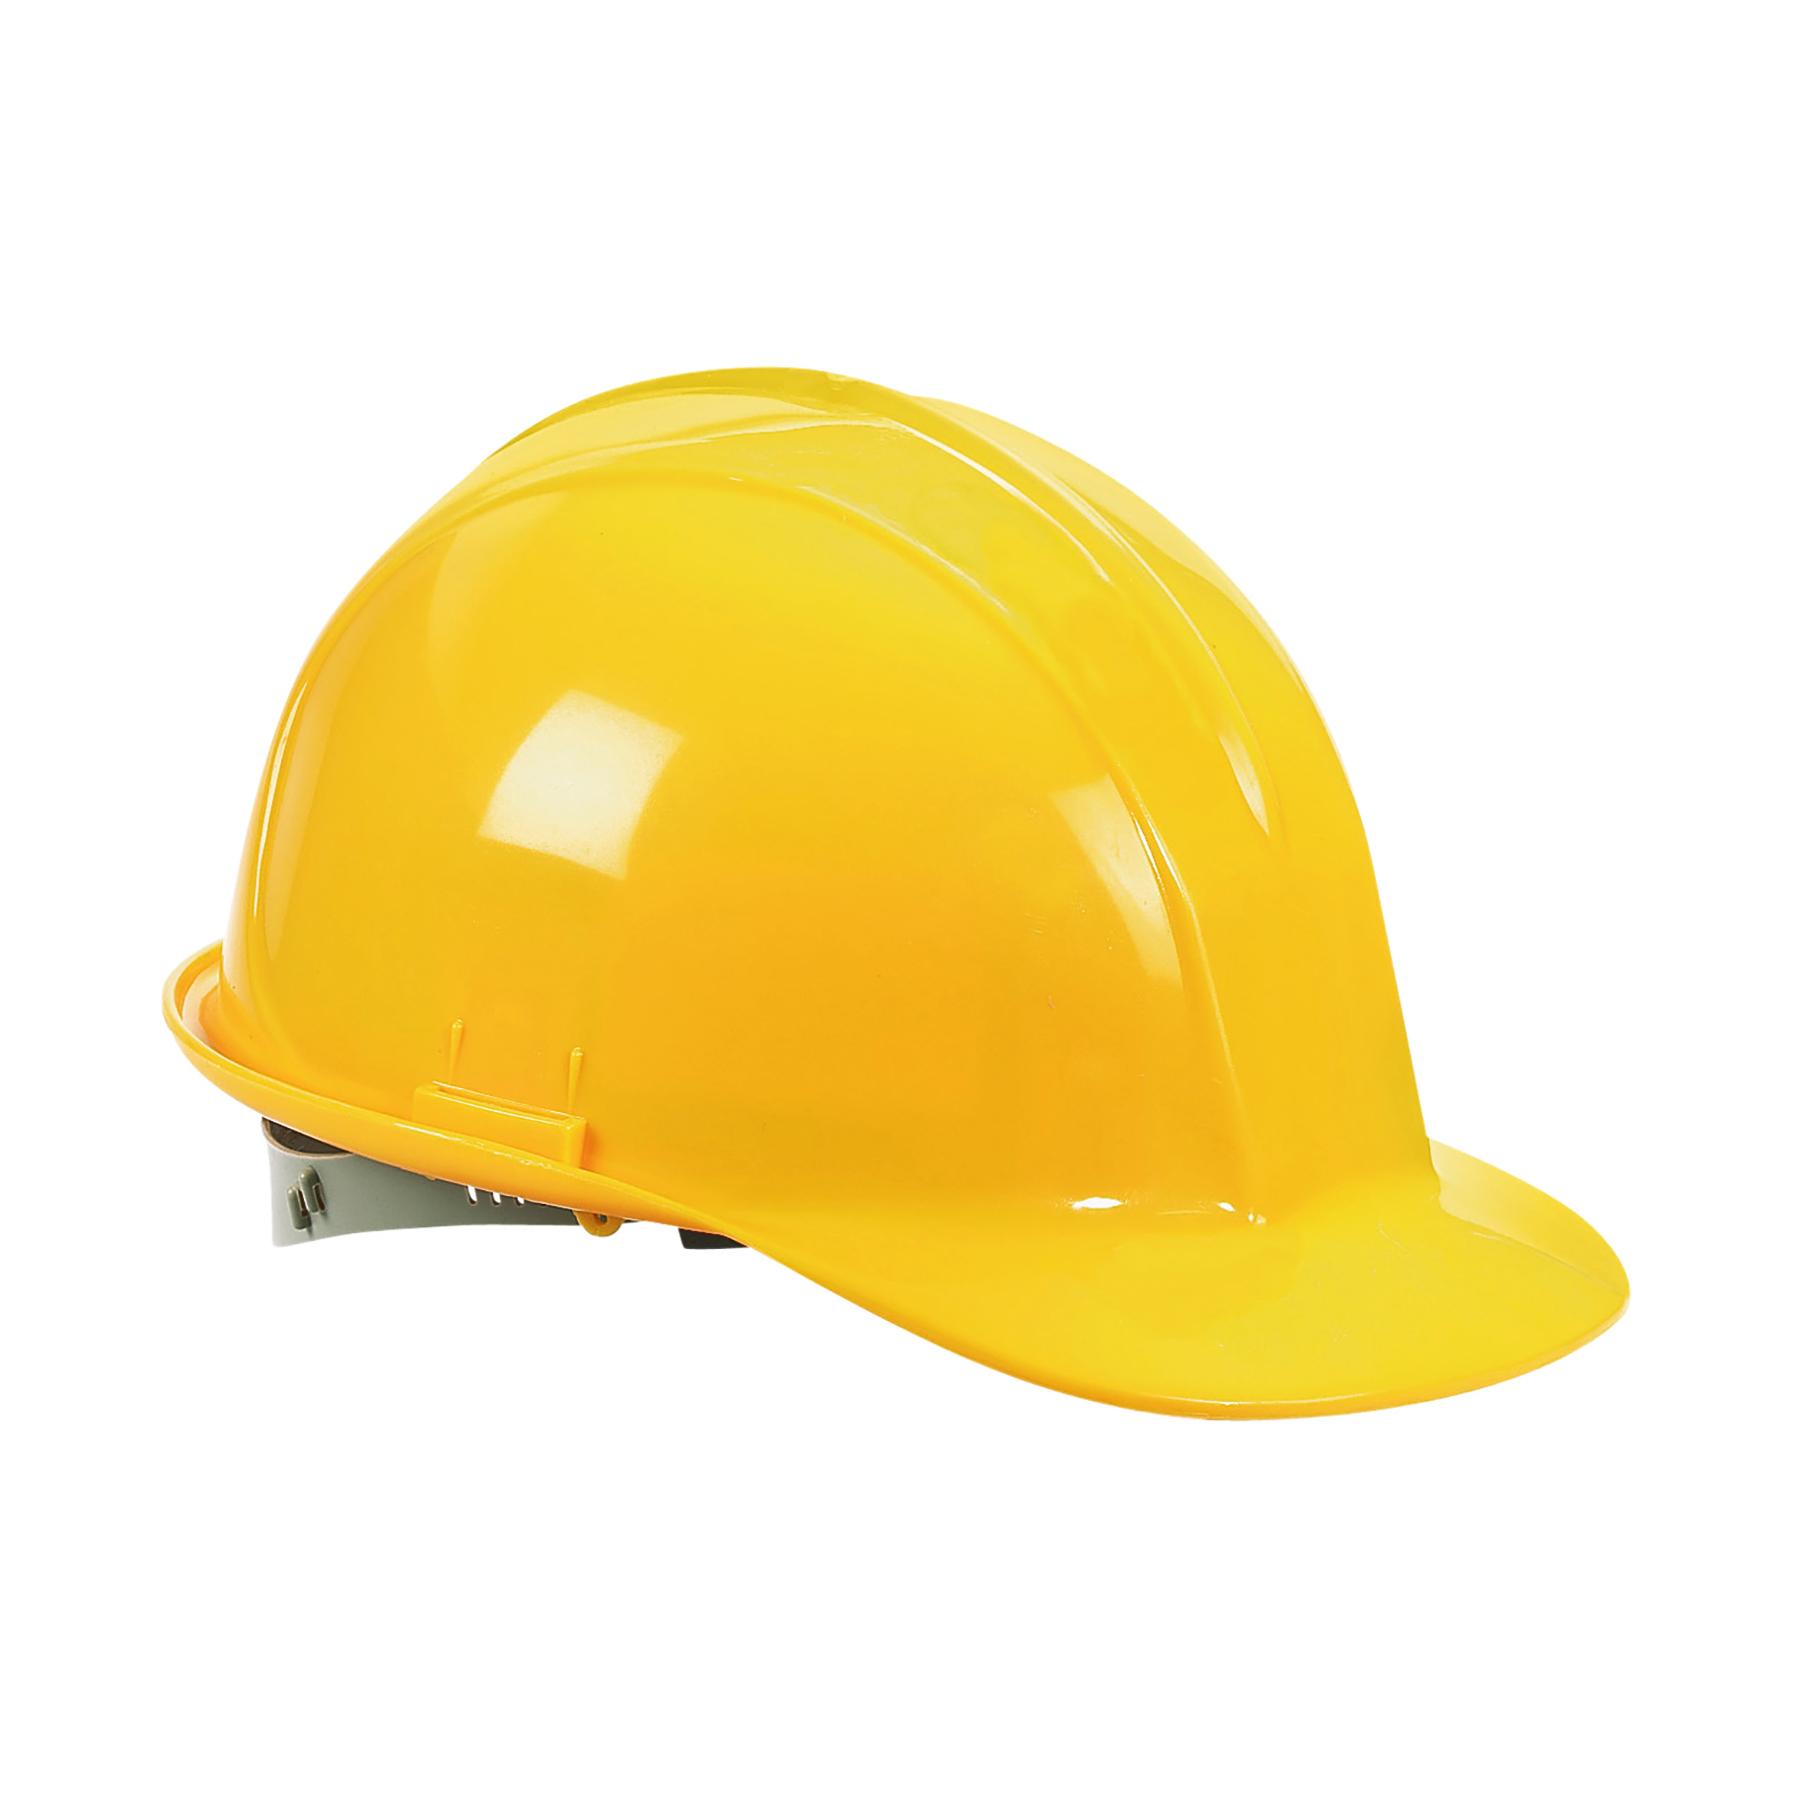 Casco de seguridad estándar, amarillo.